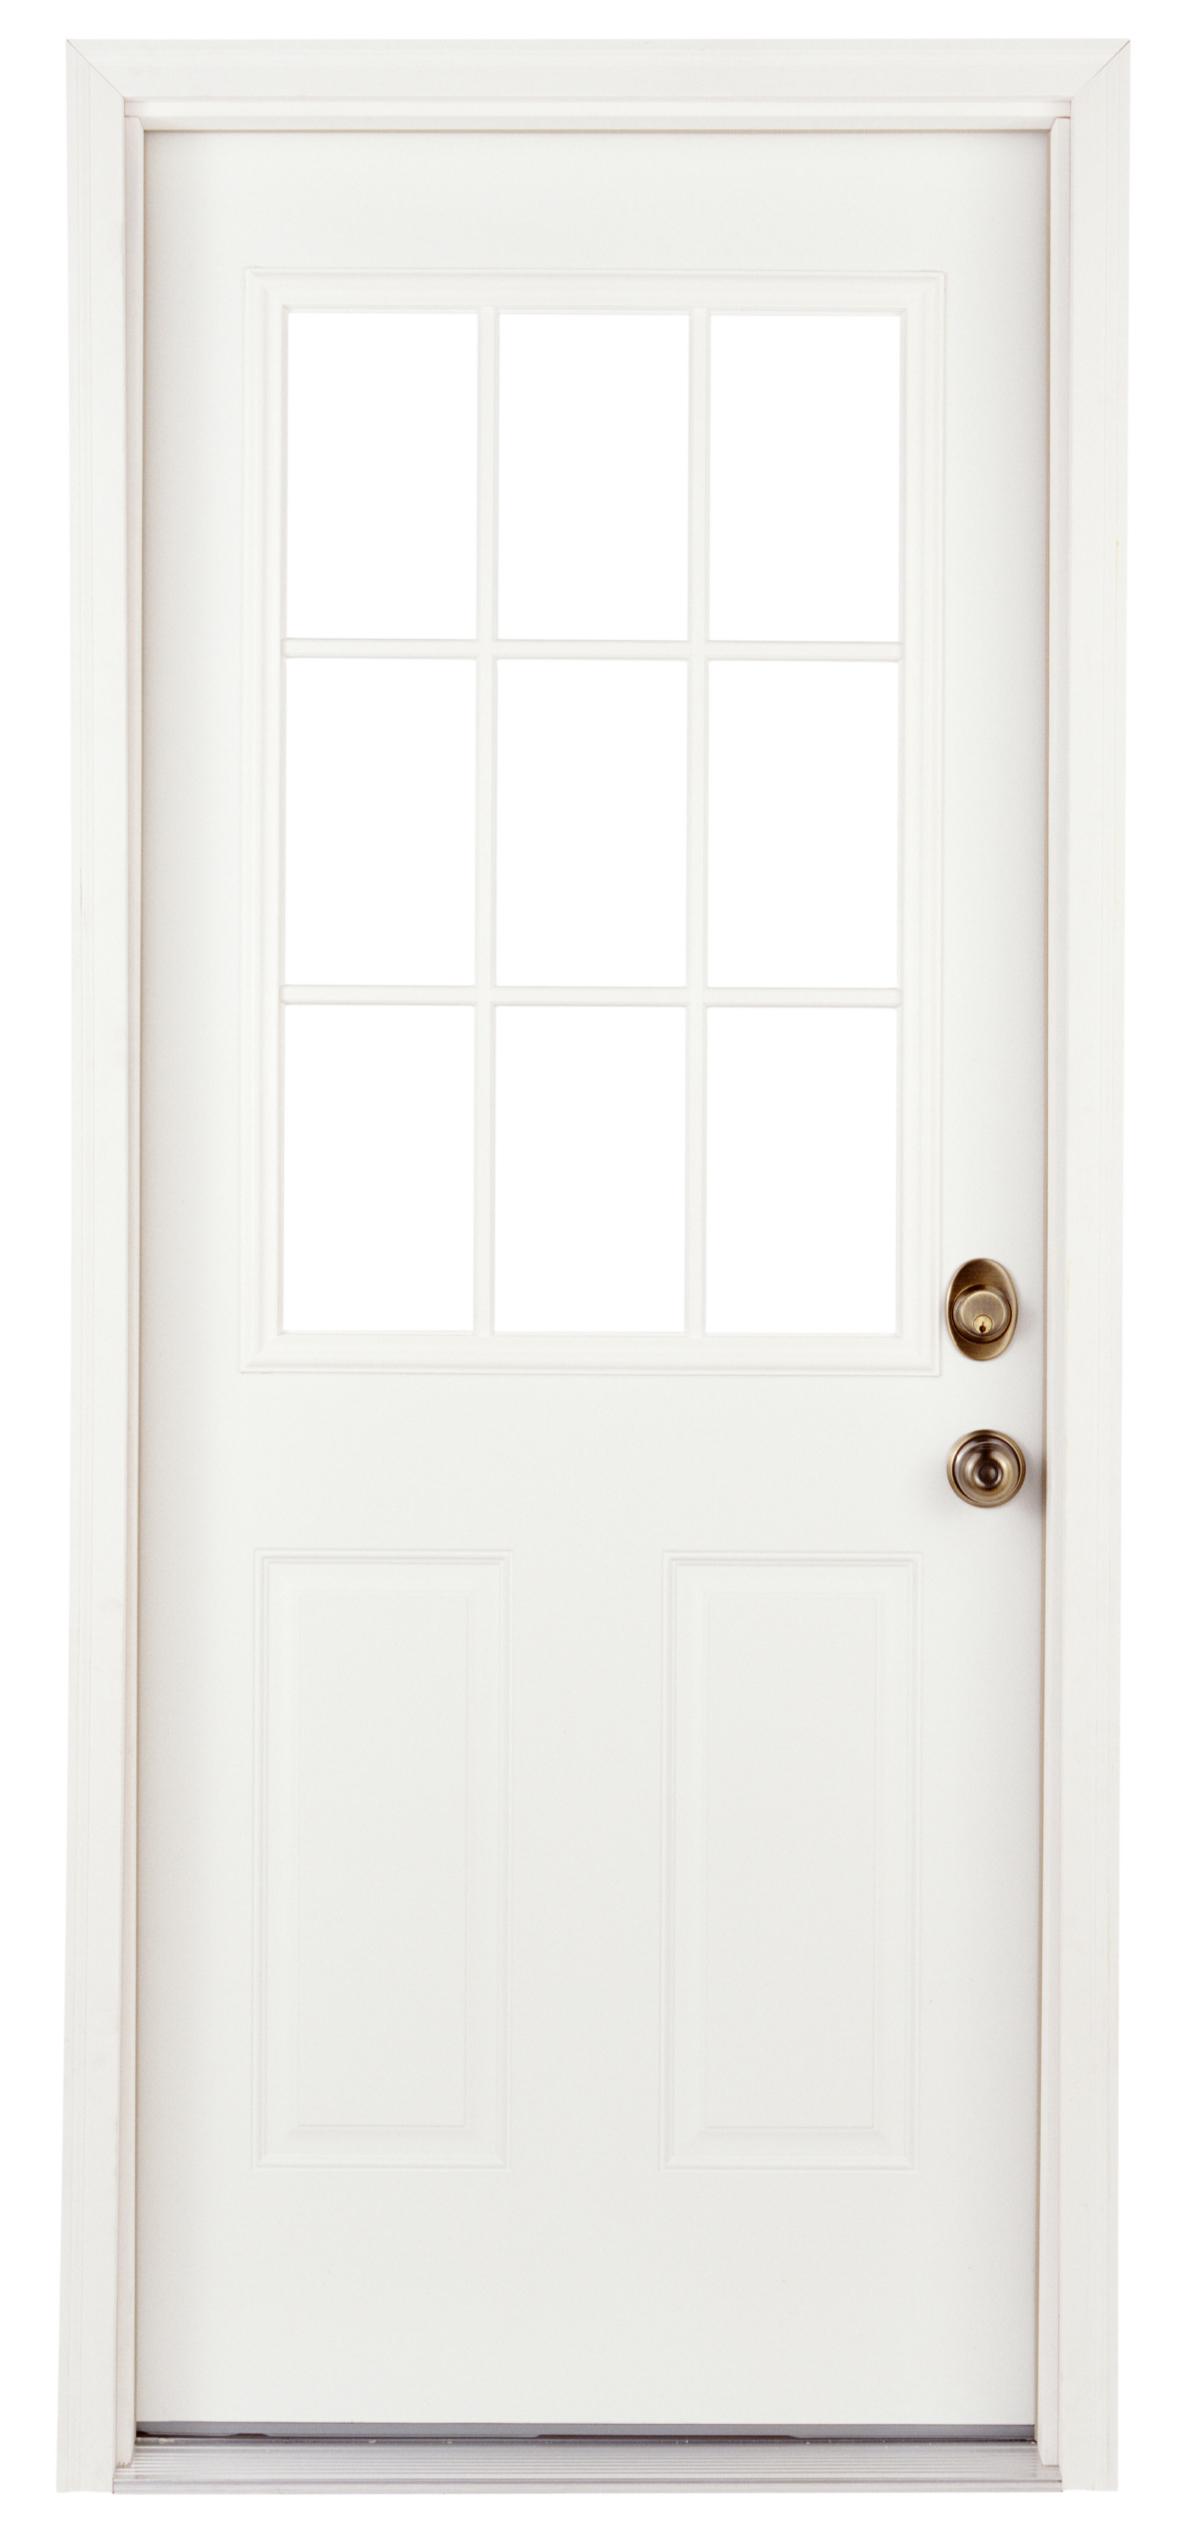 Cómo evitar que una puerta sea abierta con una palanca |